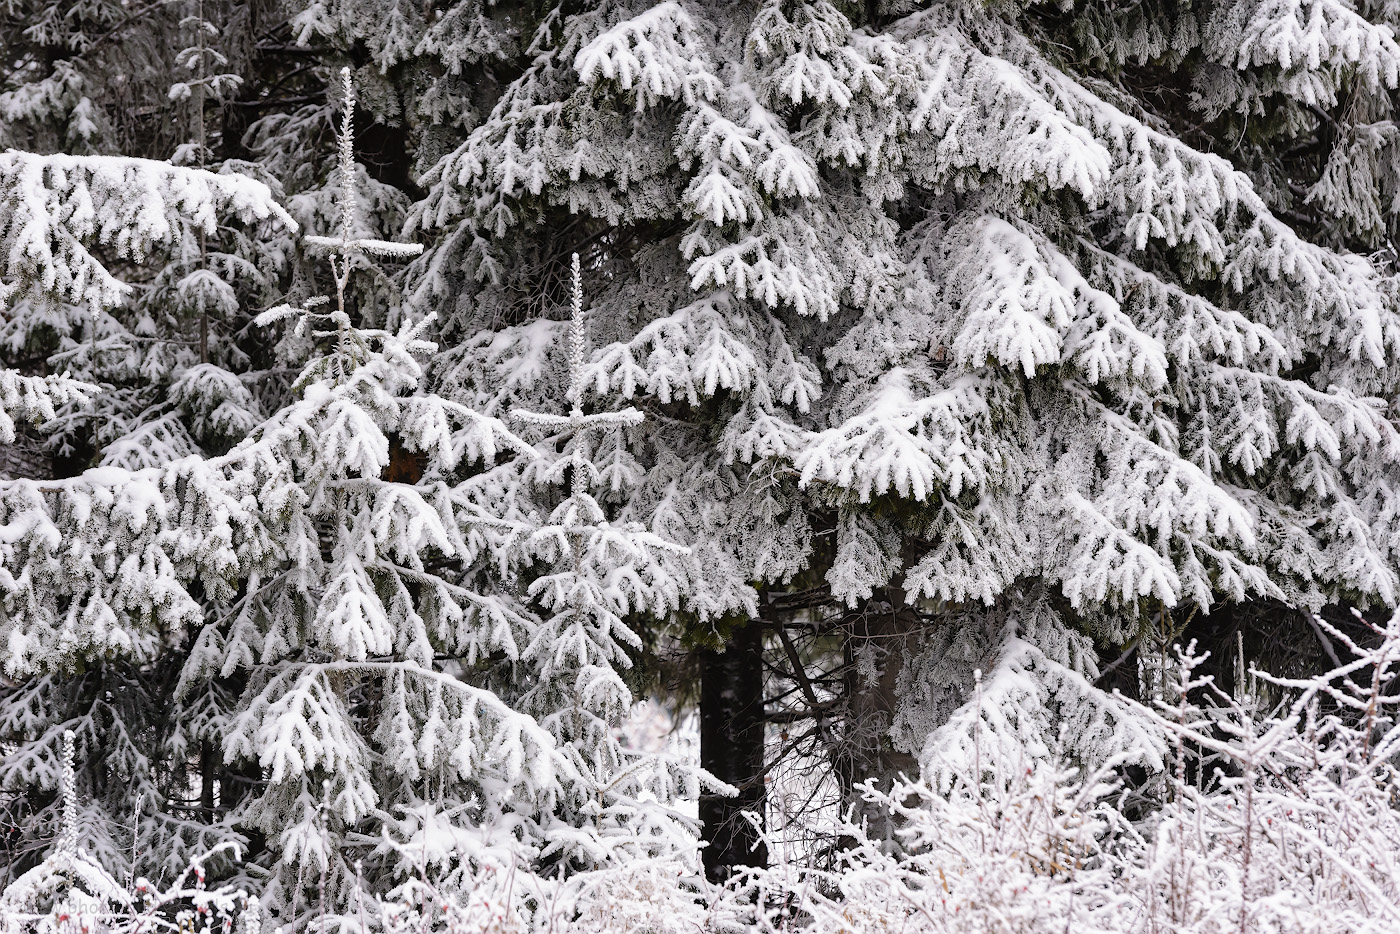 Фото 1. У водопада Плакун снега на деревьях почти не было. Ближе к Белой горе лес оделся в снежную шубу. Камера Nikon D610, объектив Nikon 70-200mm f/2.8. Параметры съемки: выдержка 1/400 секунды, экспокоррекция +0,33 EV, f/5.6, ISO 1600, ФР=165 мм.